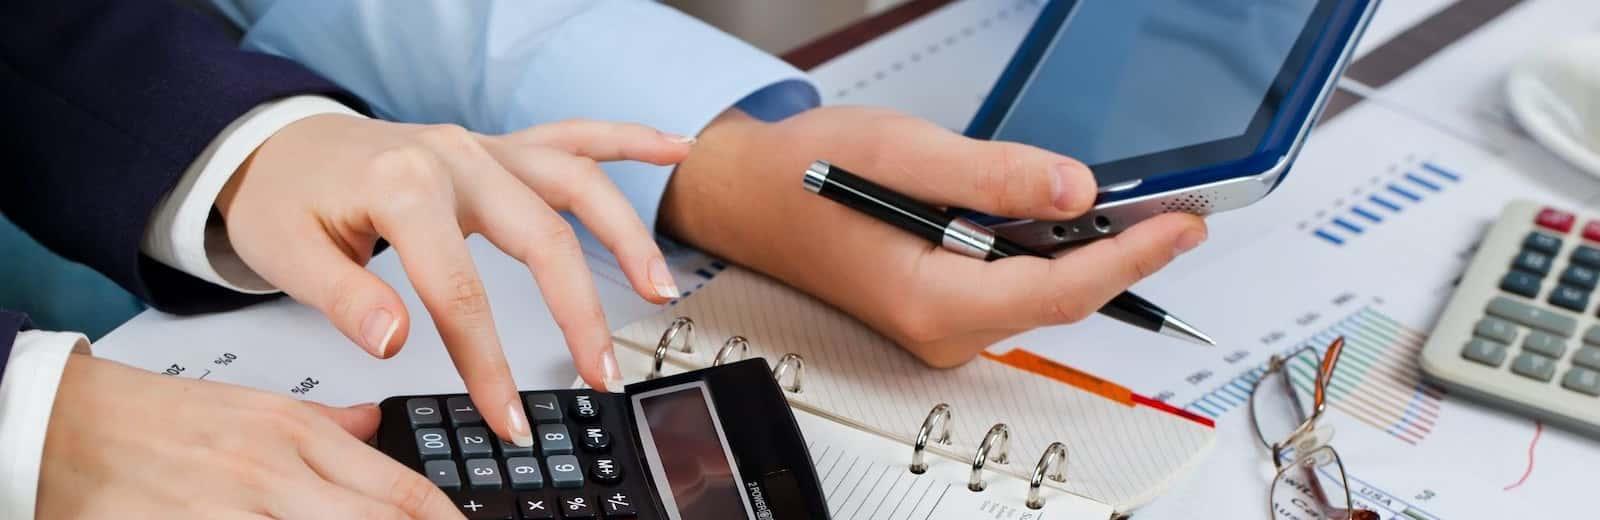 профессиональная переподготовка по бухгалтерскому учету